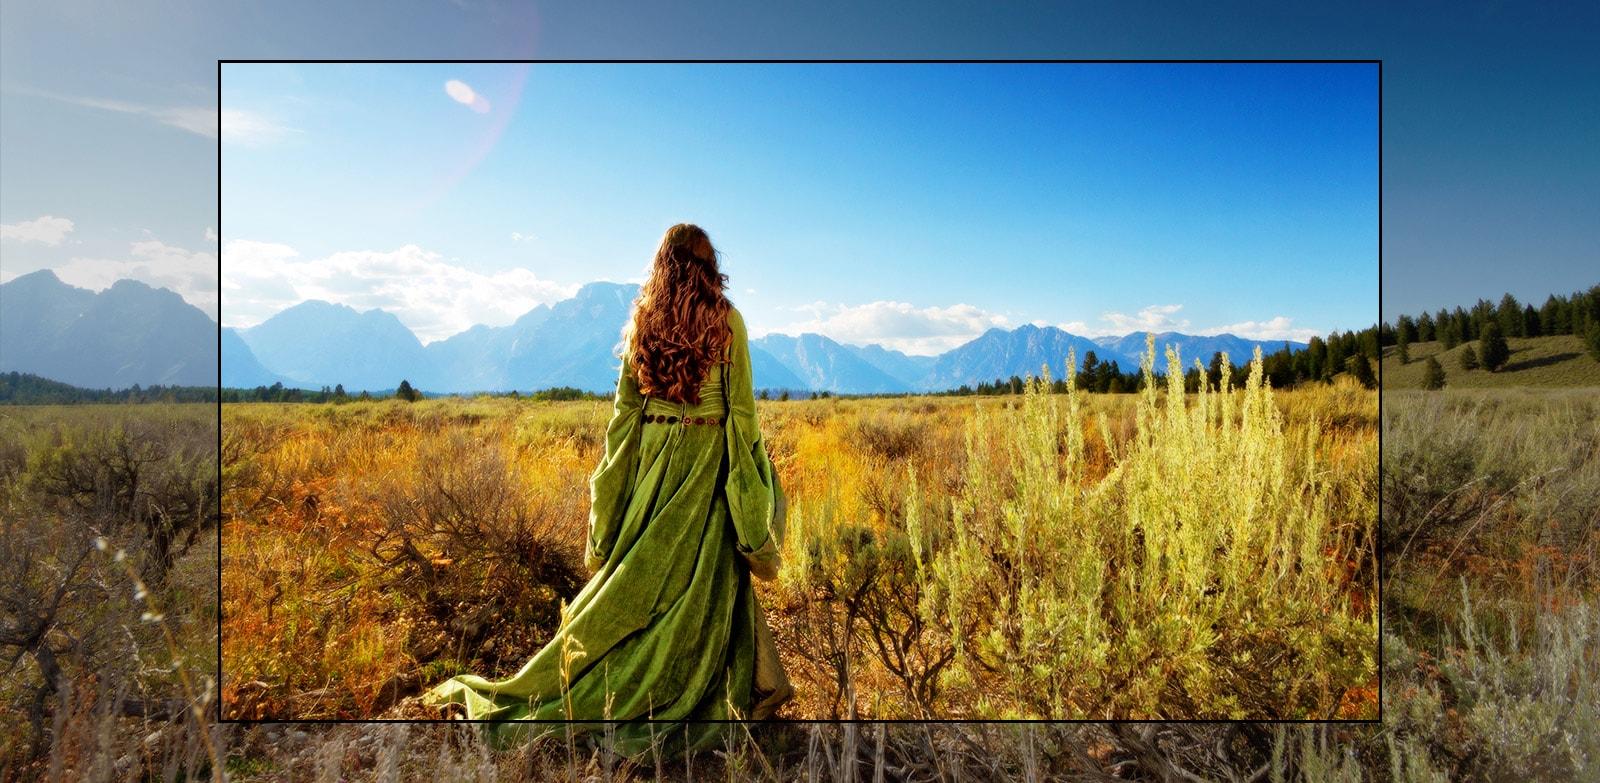 Một màn hình tivi cho thấy một cảnh trong một bộ phim giả tưởng với một người phụ nữ đứng trên cánh đồng nhìn ra những ngọn núi.